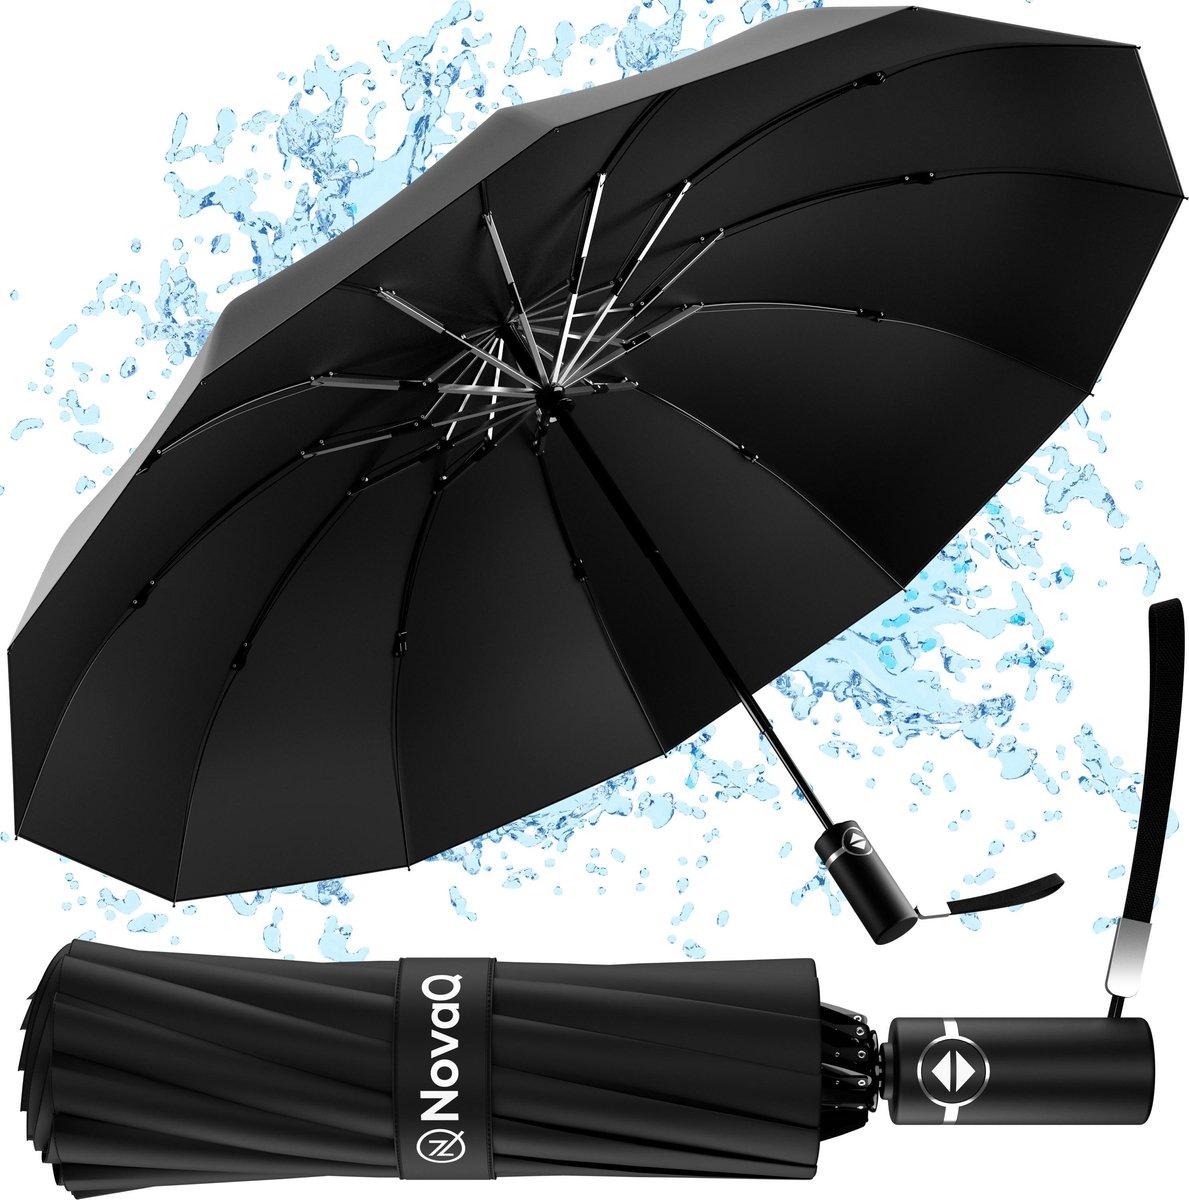 Storm Paraplu Opvouwbaar - Zwart - Polsband - Automatisch Uitklapbaar - Tot 100km p/u Windproof - 11